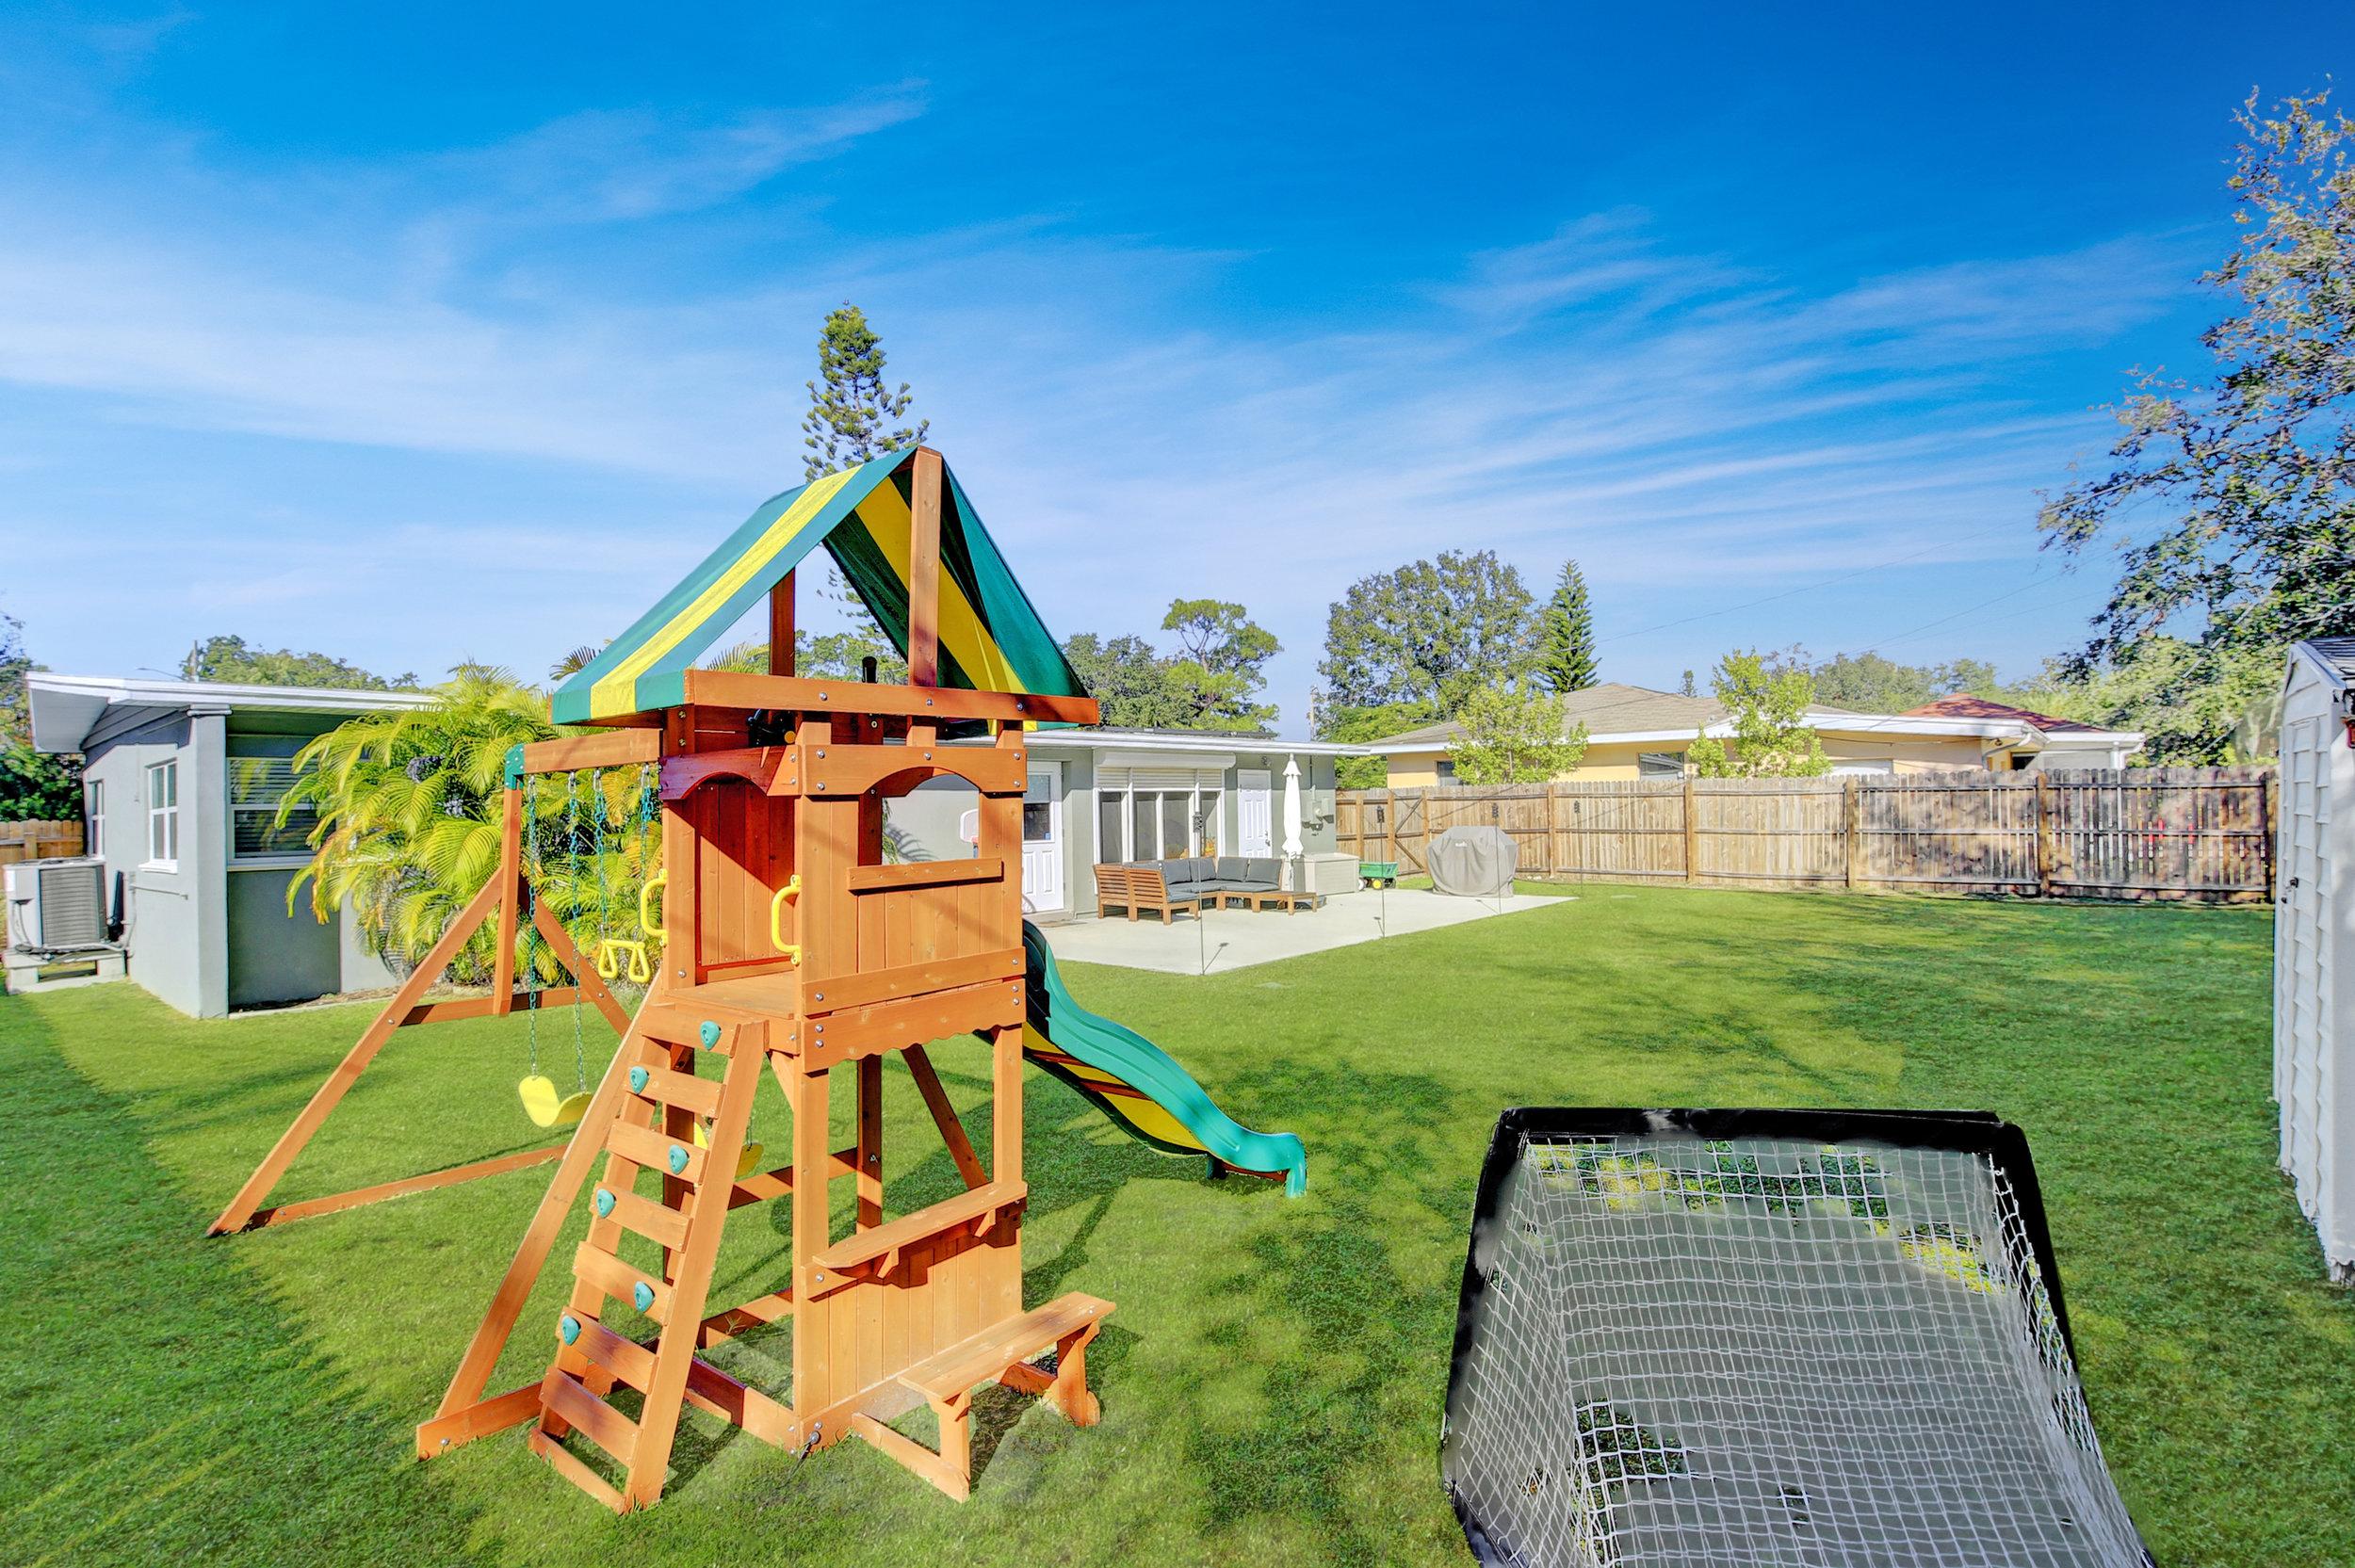 024_Playground.jpg